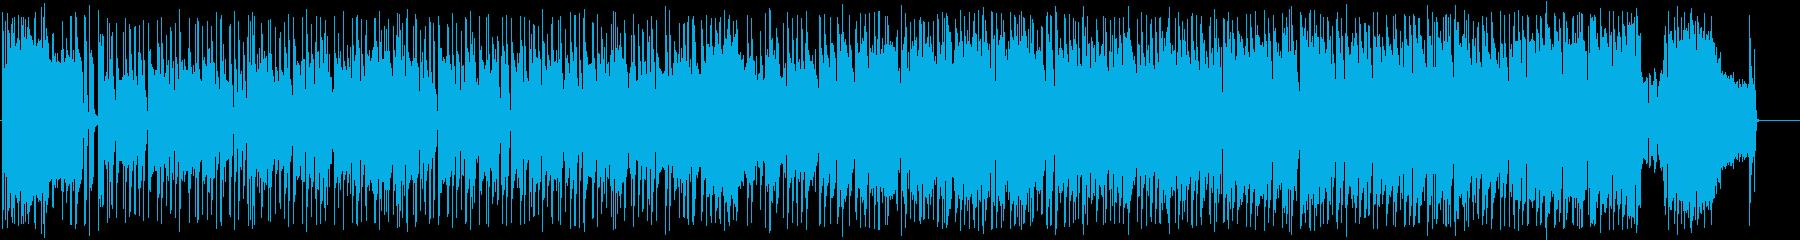 かわいい キラキラのポップインストの再生済みの波形